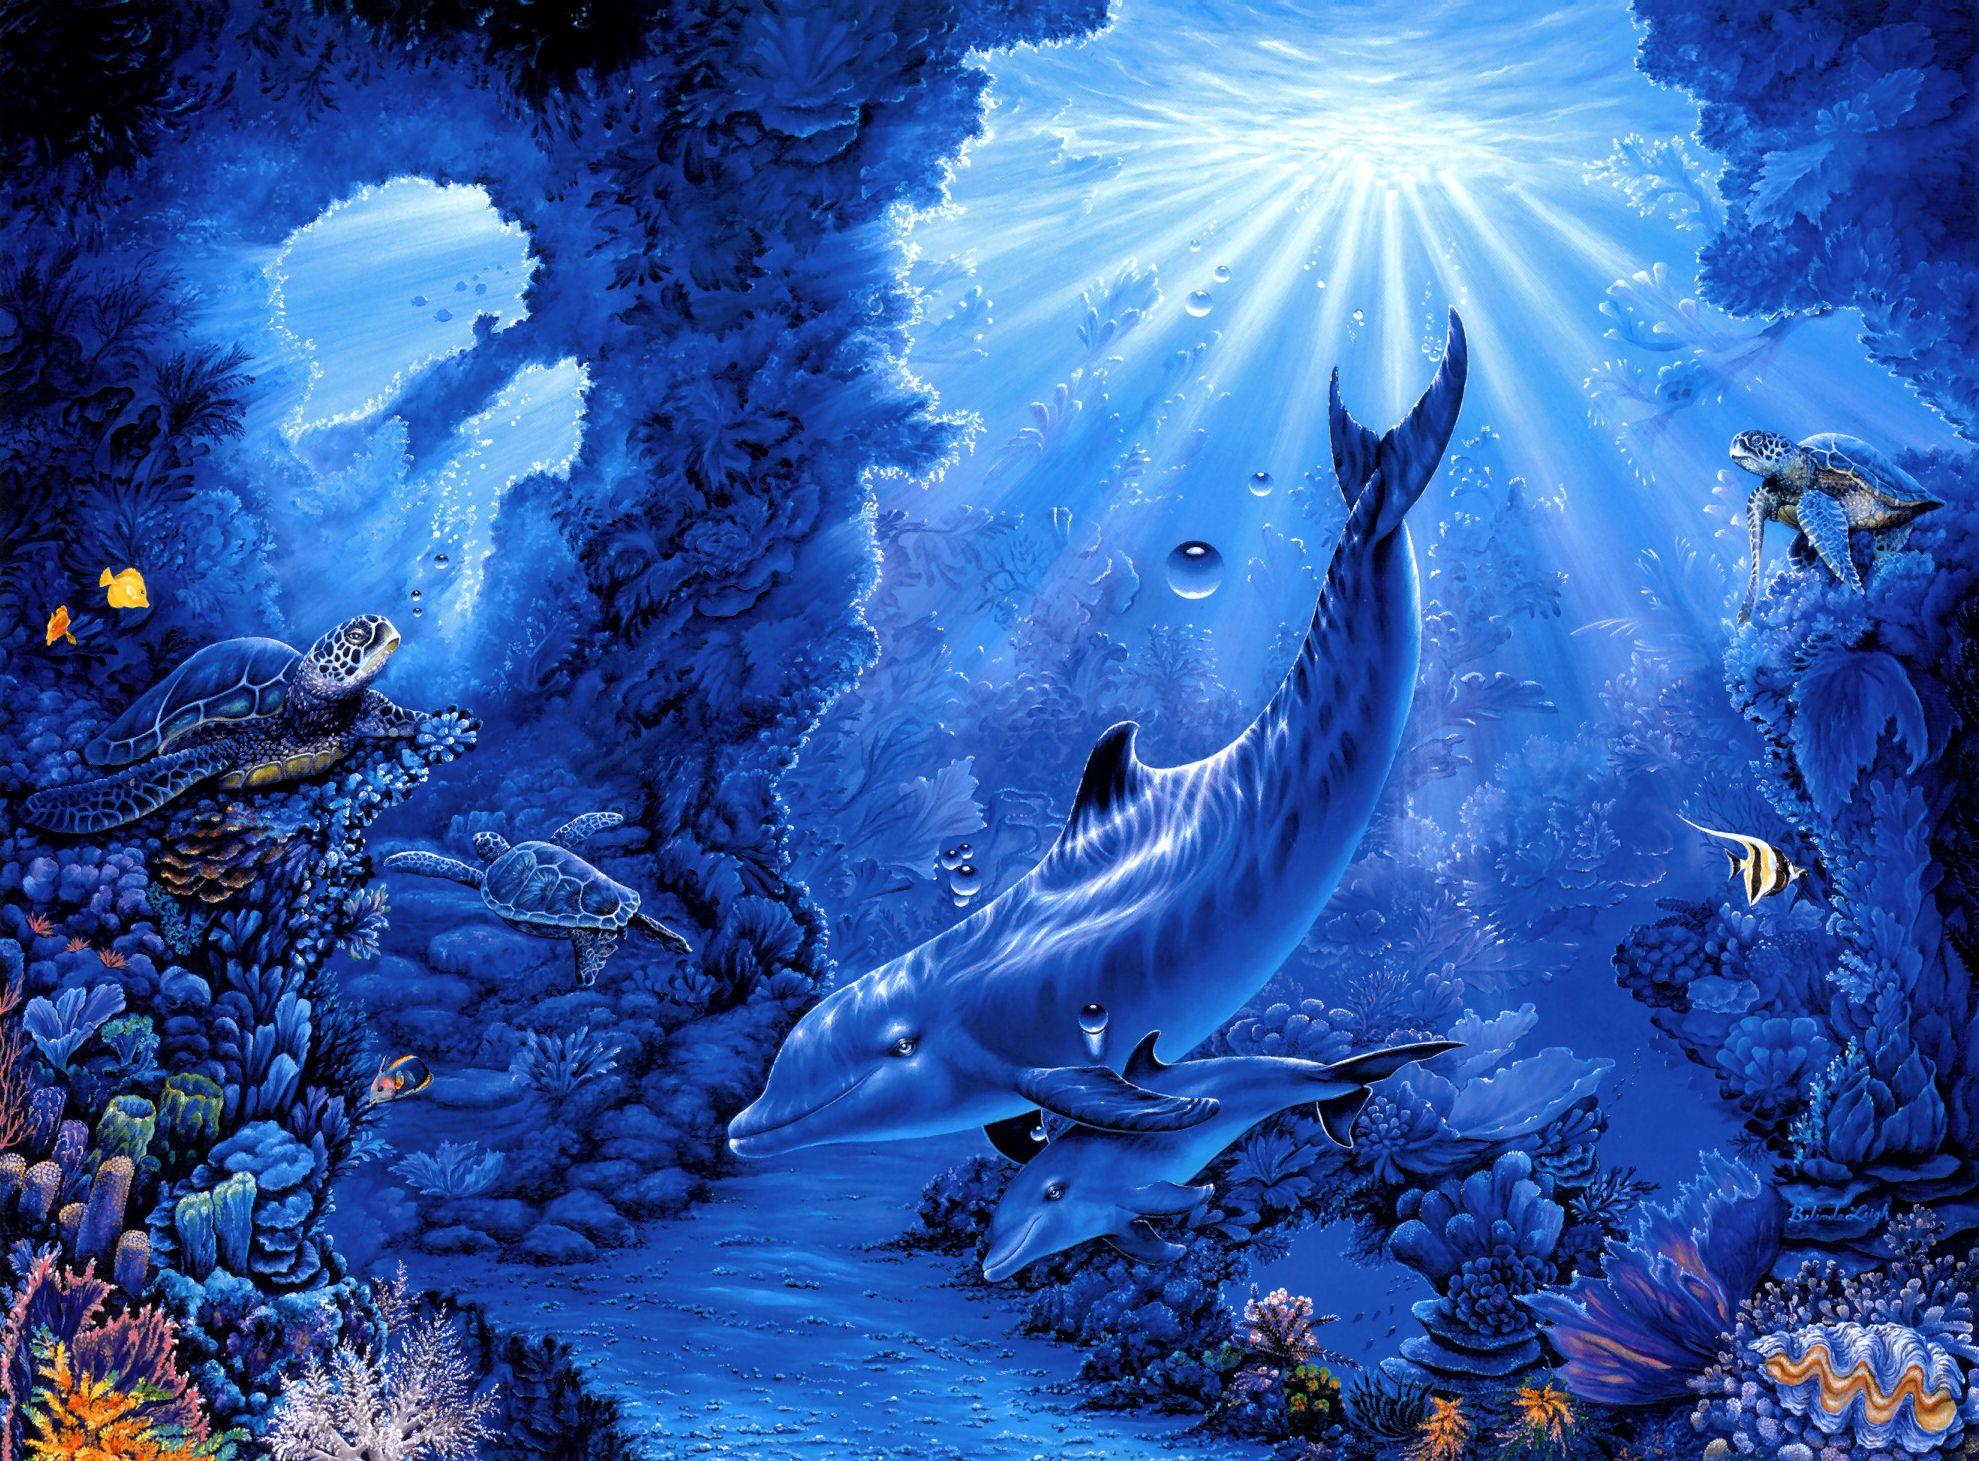 море, глубина, фото, рыбы, свет, обои для рабочего стола